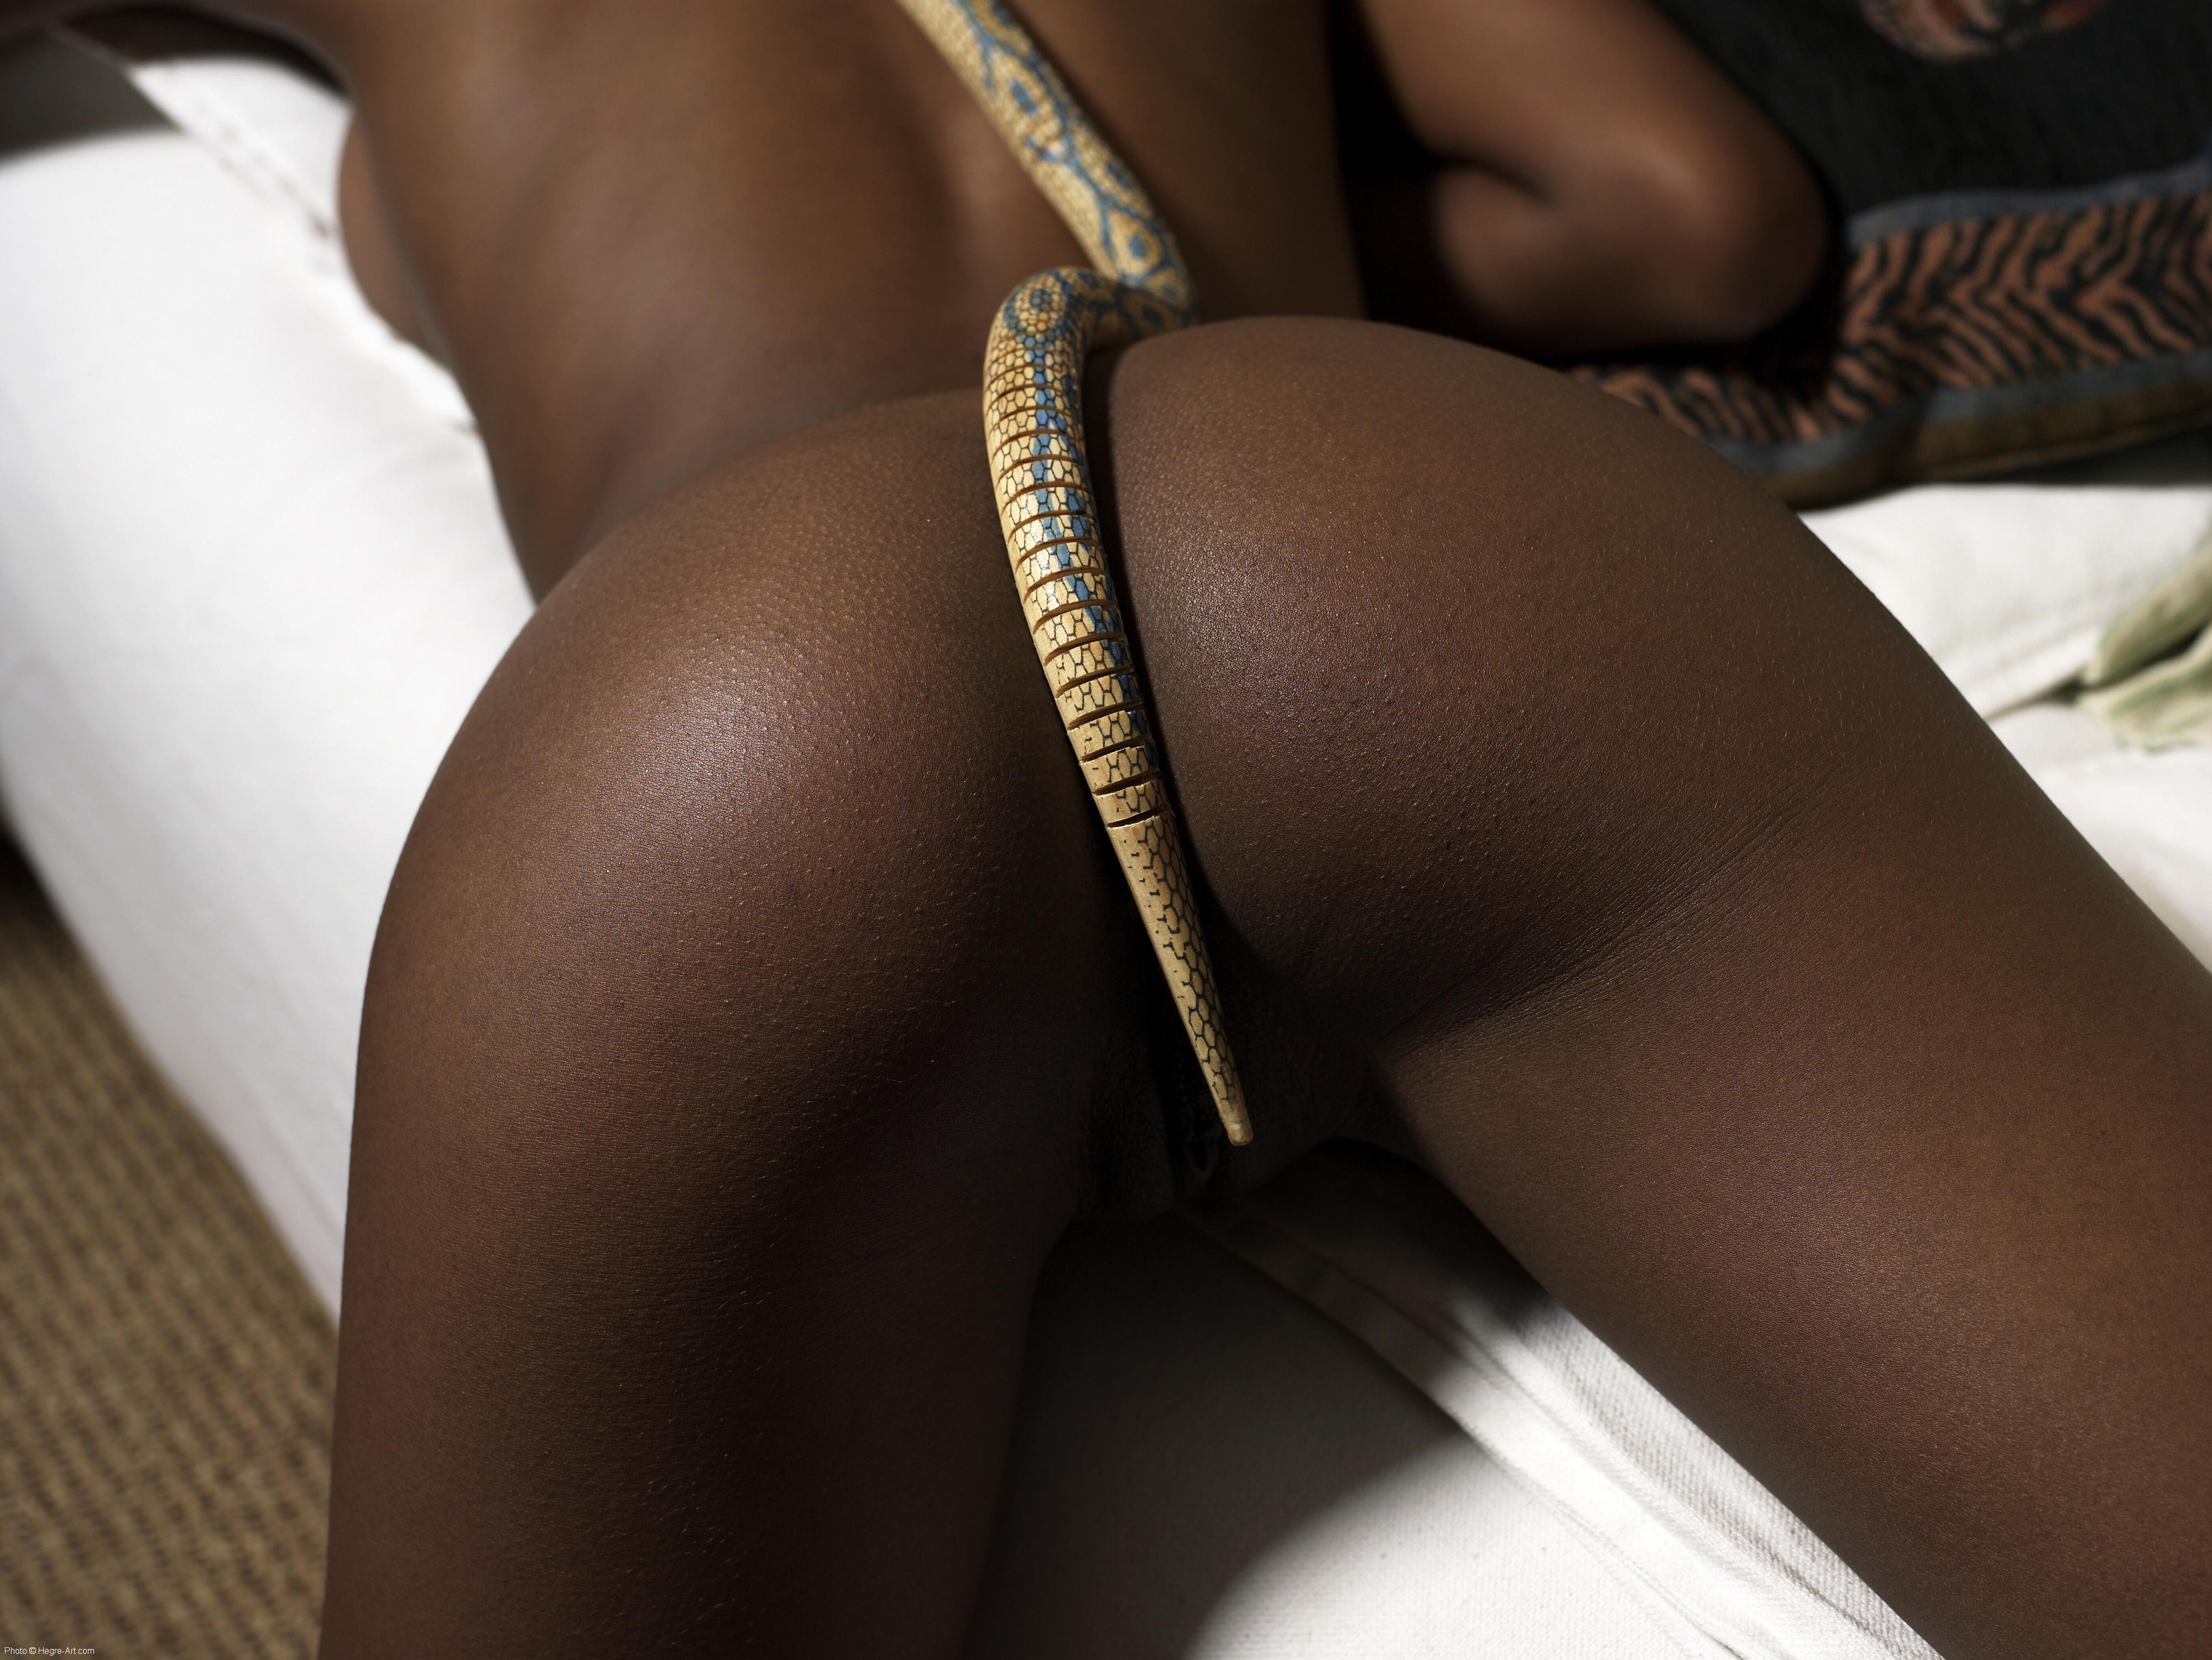 Сладкая попка негритянки 23 фотография